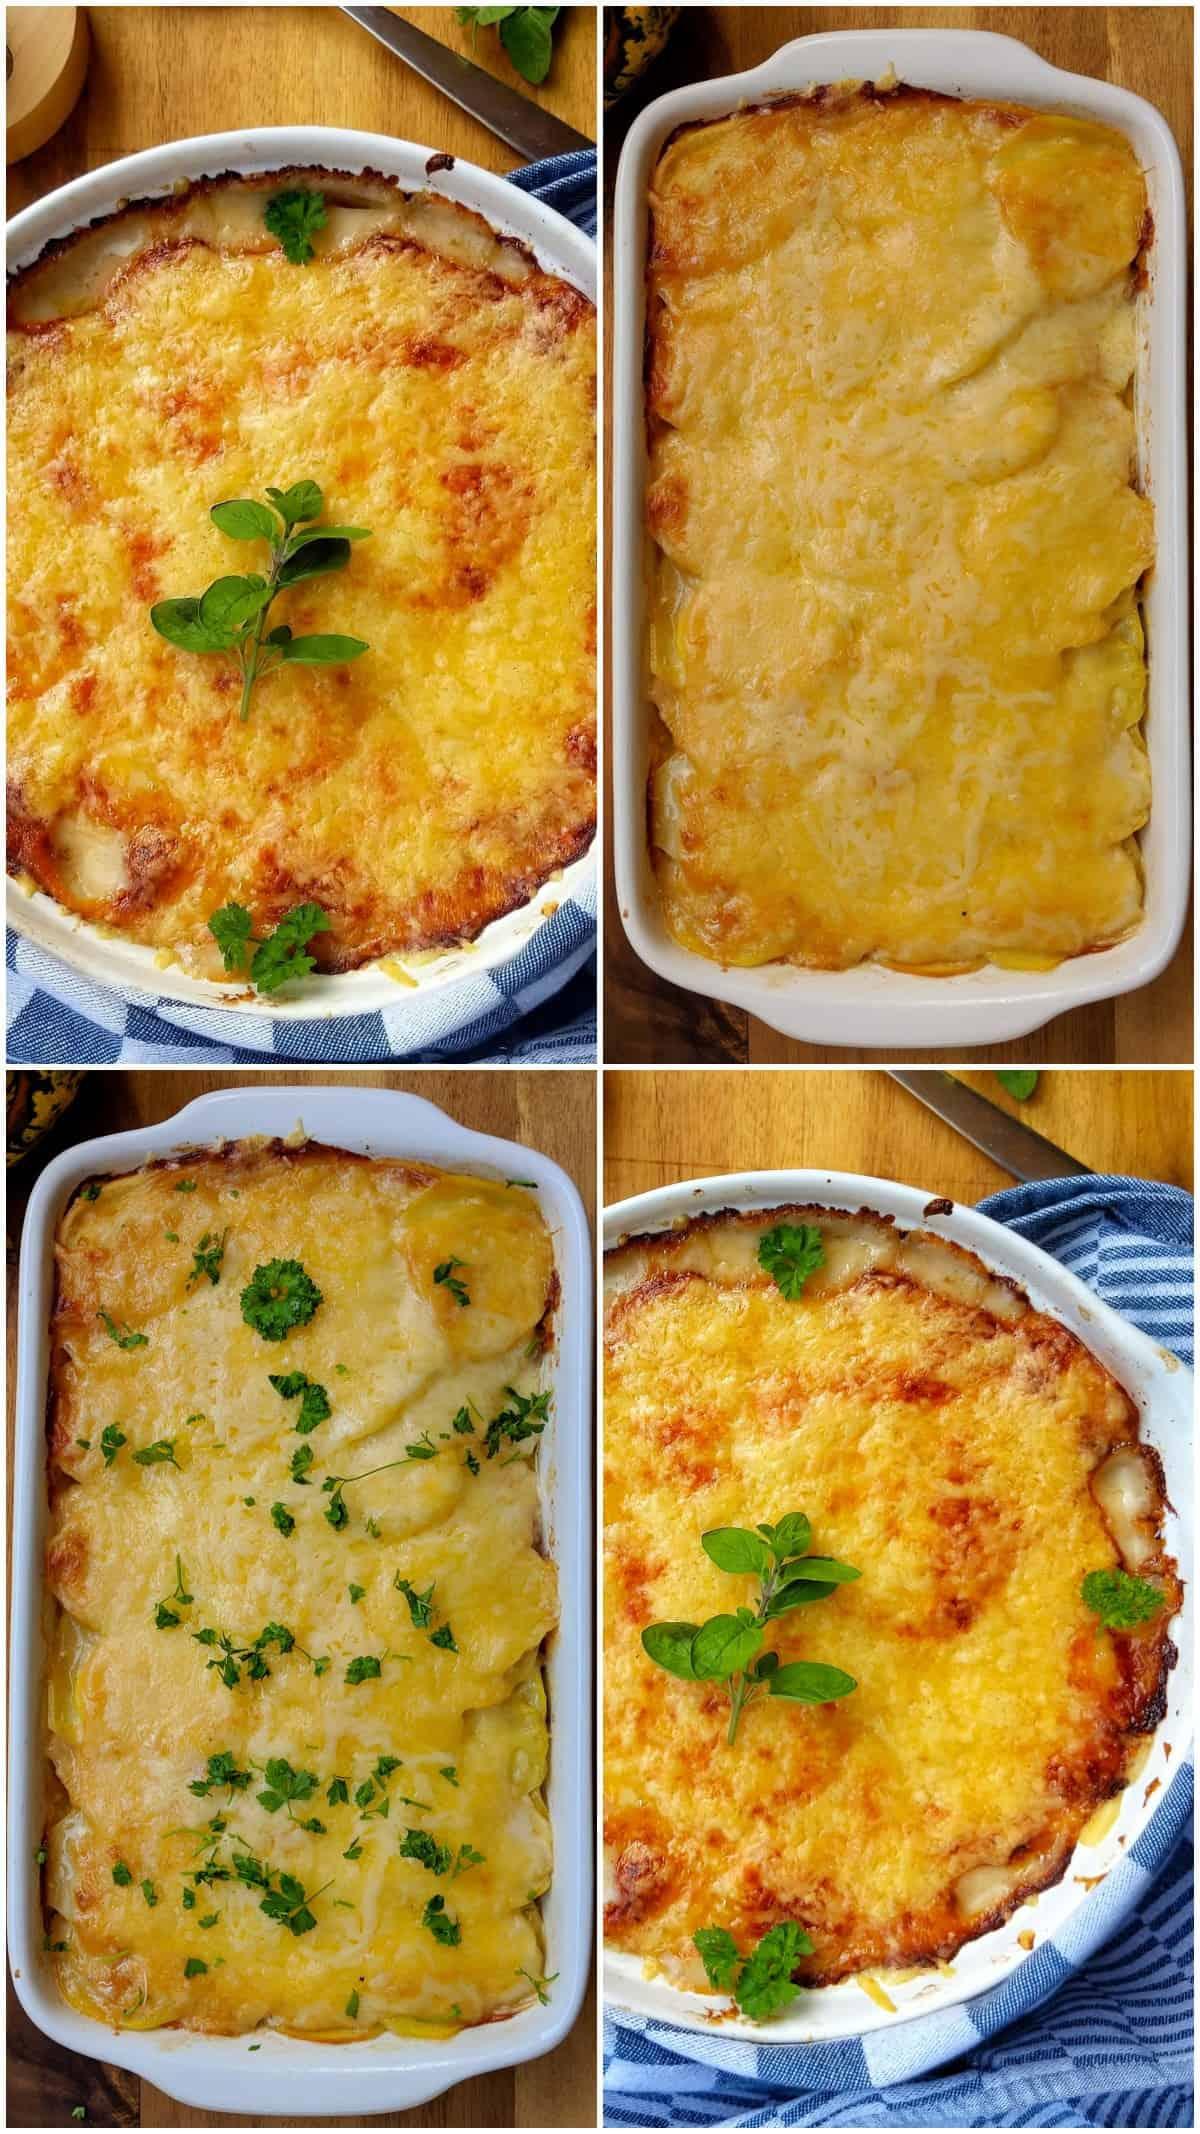 Eine Collage von vier Auflaufformen mit Kartoffelgratin.